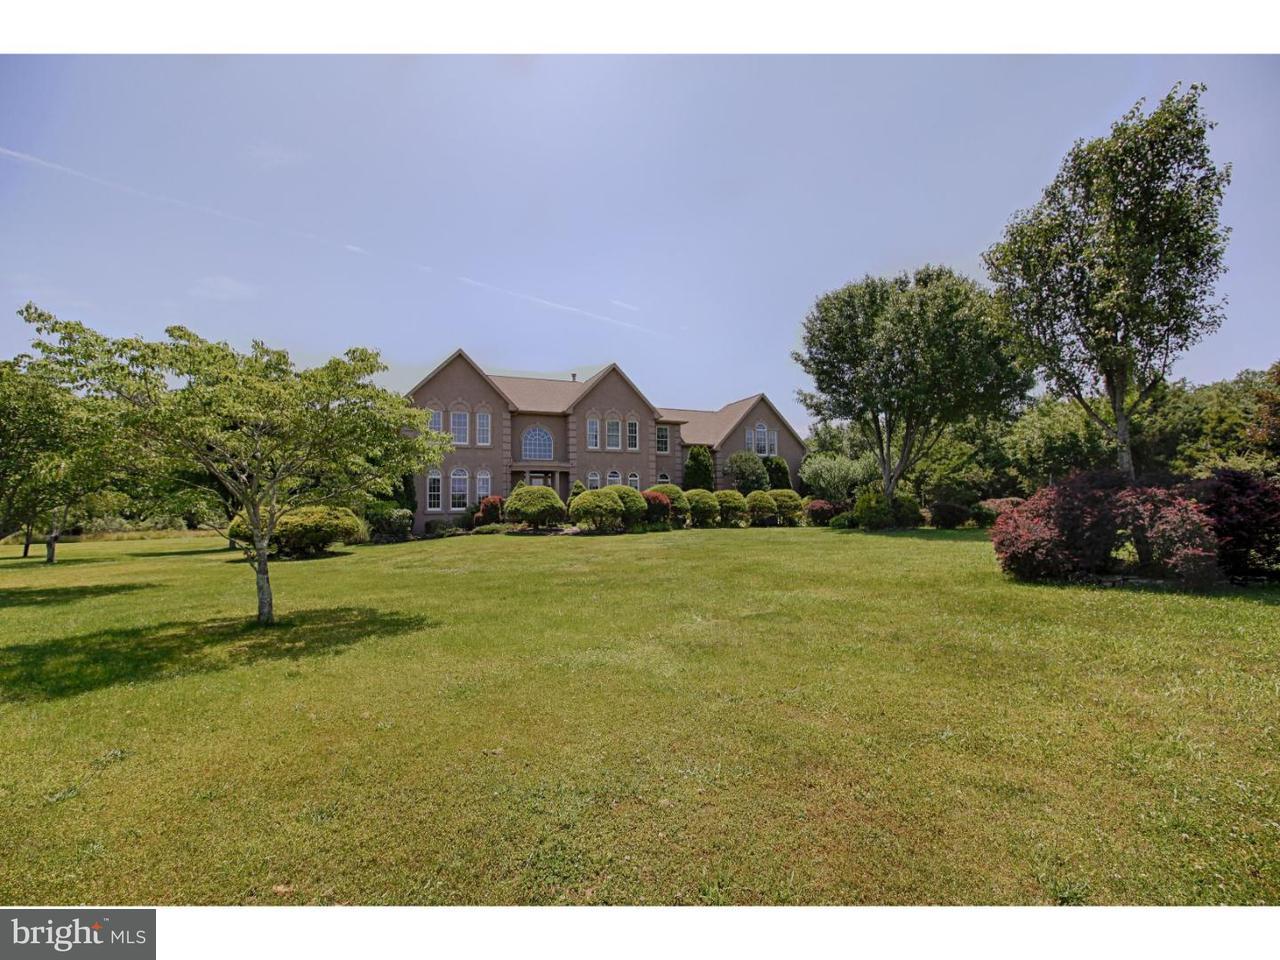 Частный односемейный дом для того Продажа на 8 SOHN WAY Tabernacle, Нью-Джерси 08088 Соединенные Штаты